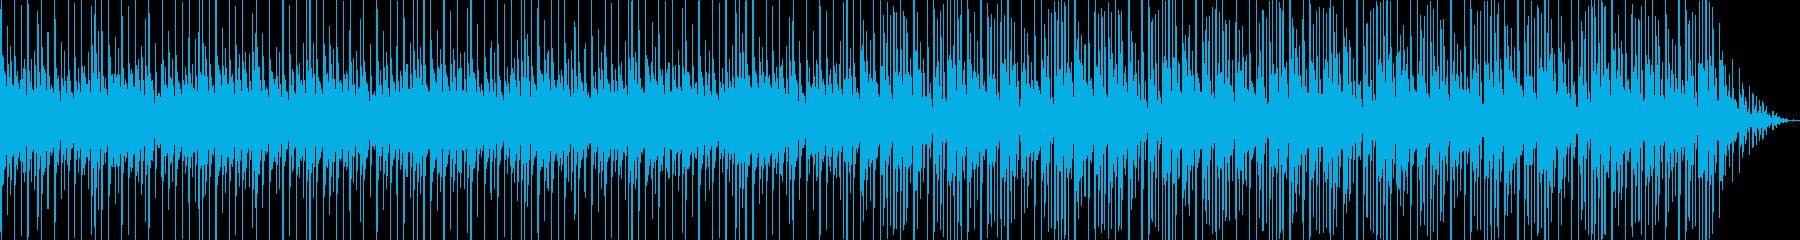 オシャレでほのぼのした雰囲気のテクノの再生済みの波形